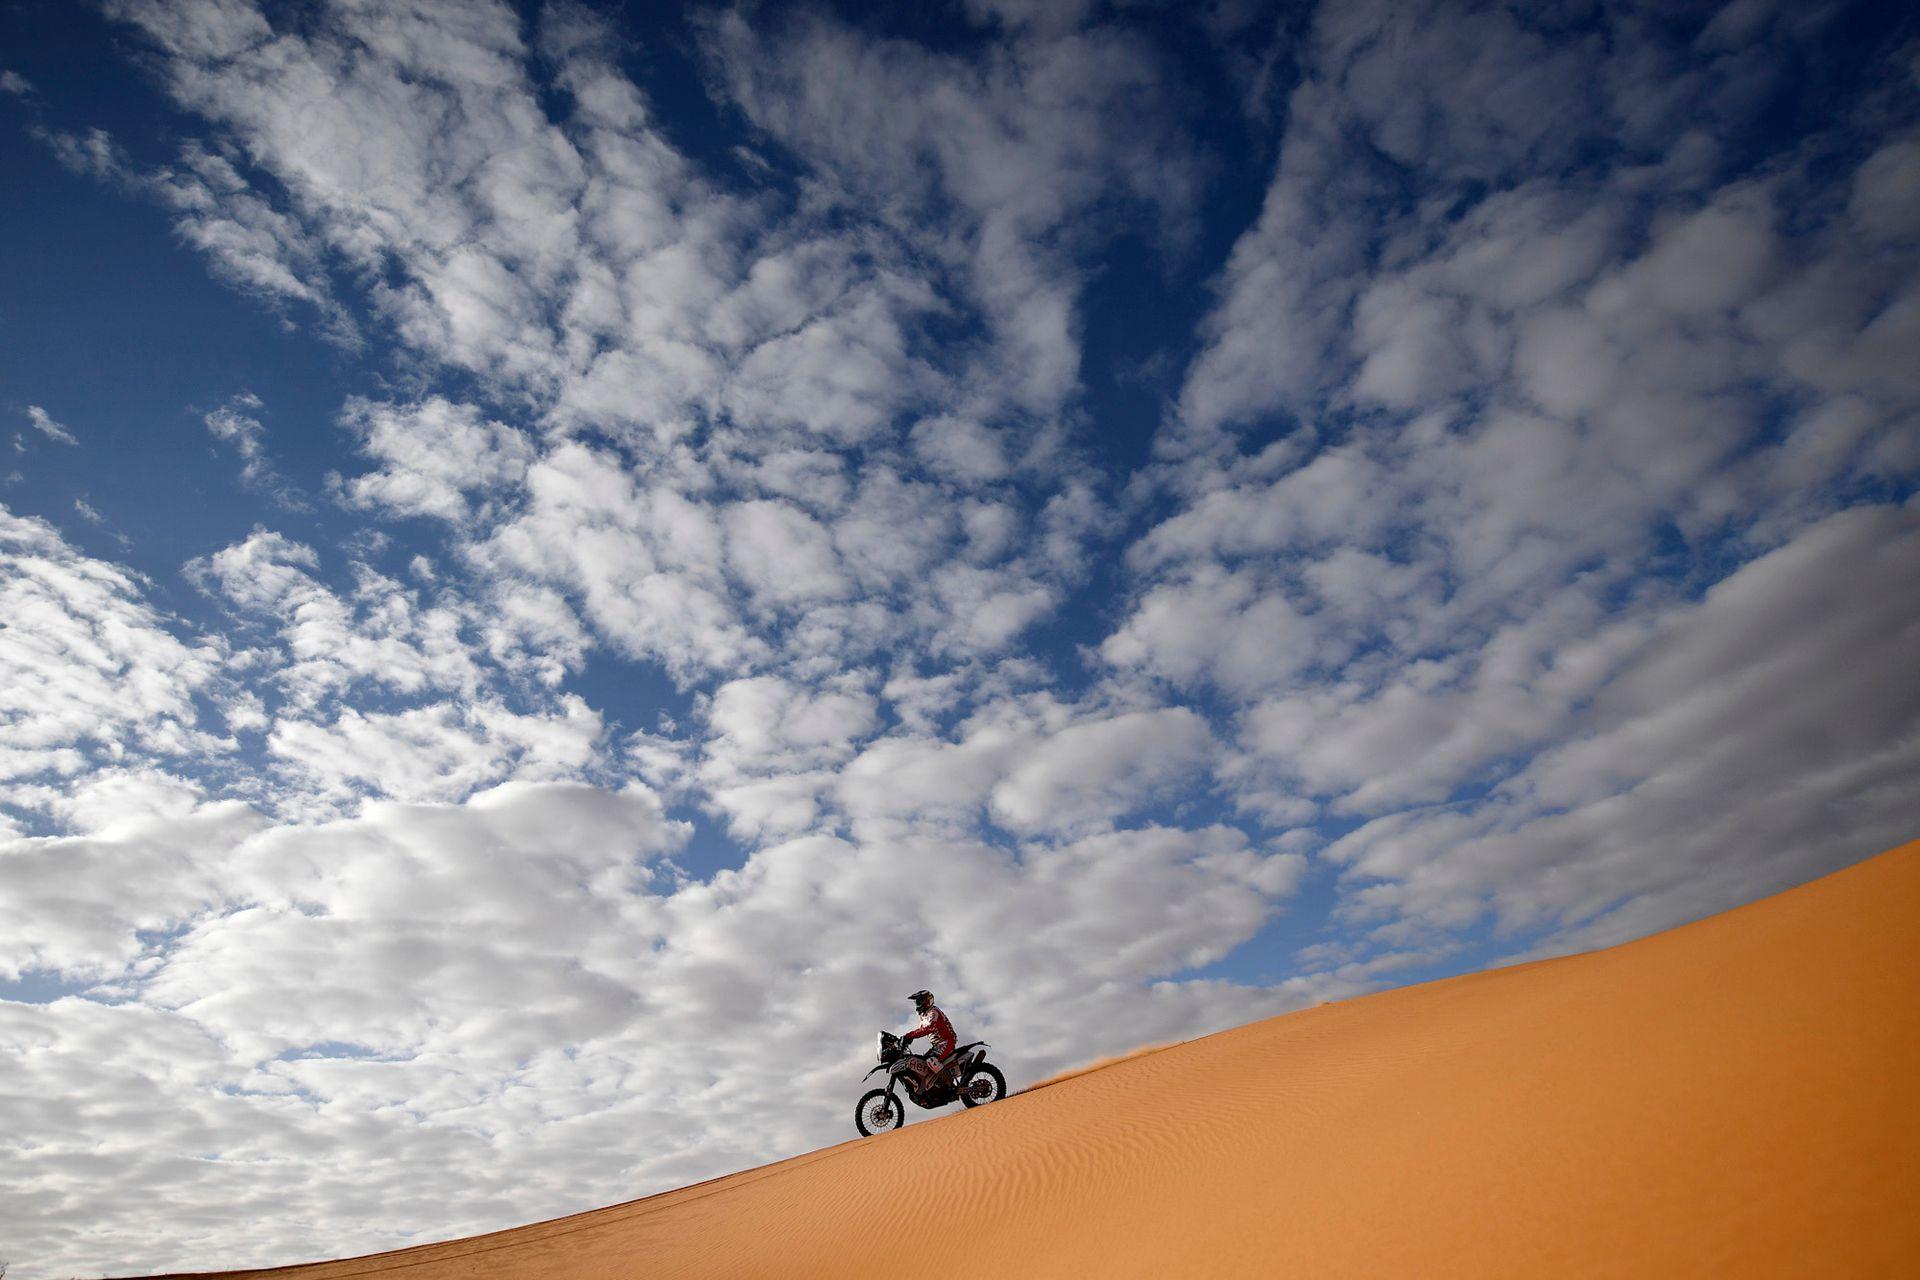 El alemán Sebastian Buhler bajo el imponente cielo de la etapa 6